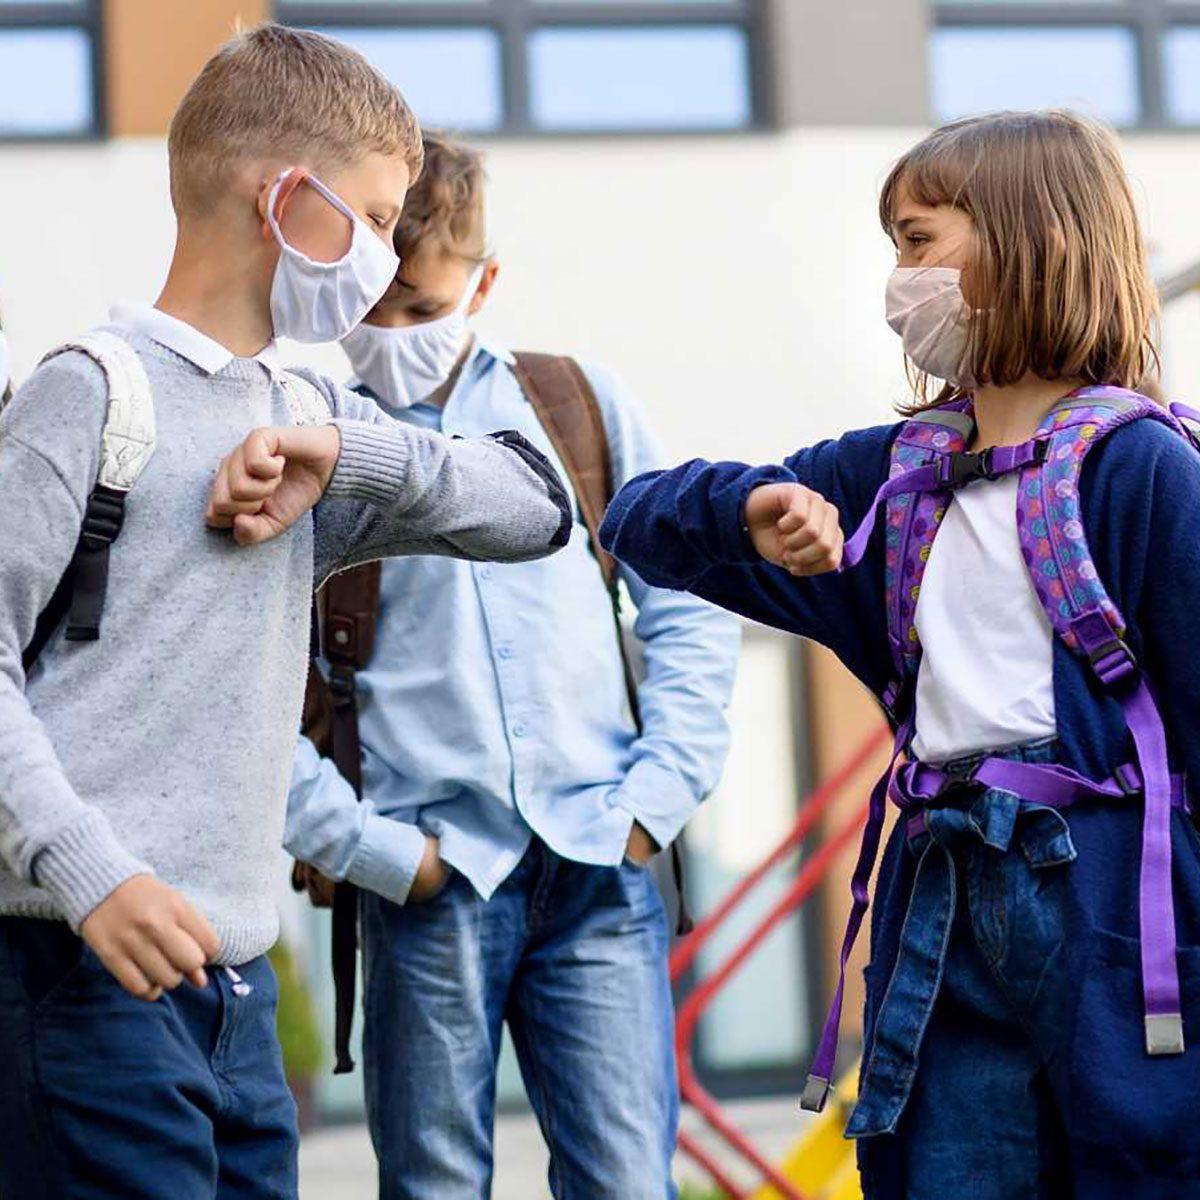 sintomas-covid-fiebre-en-la-vuelta-al-colegio